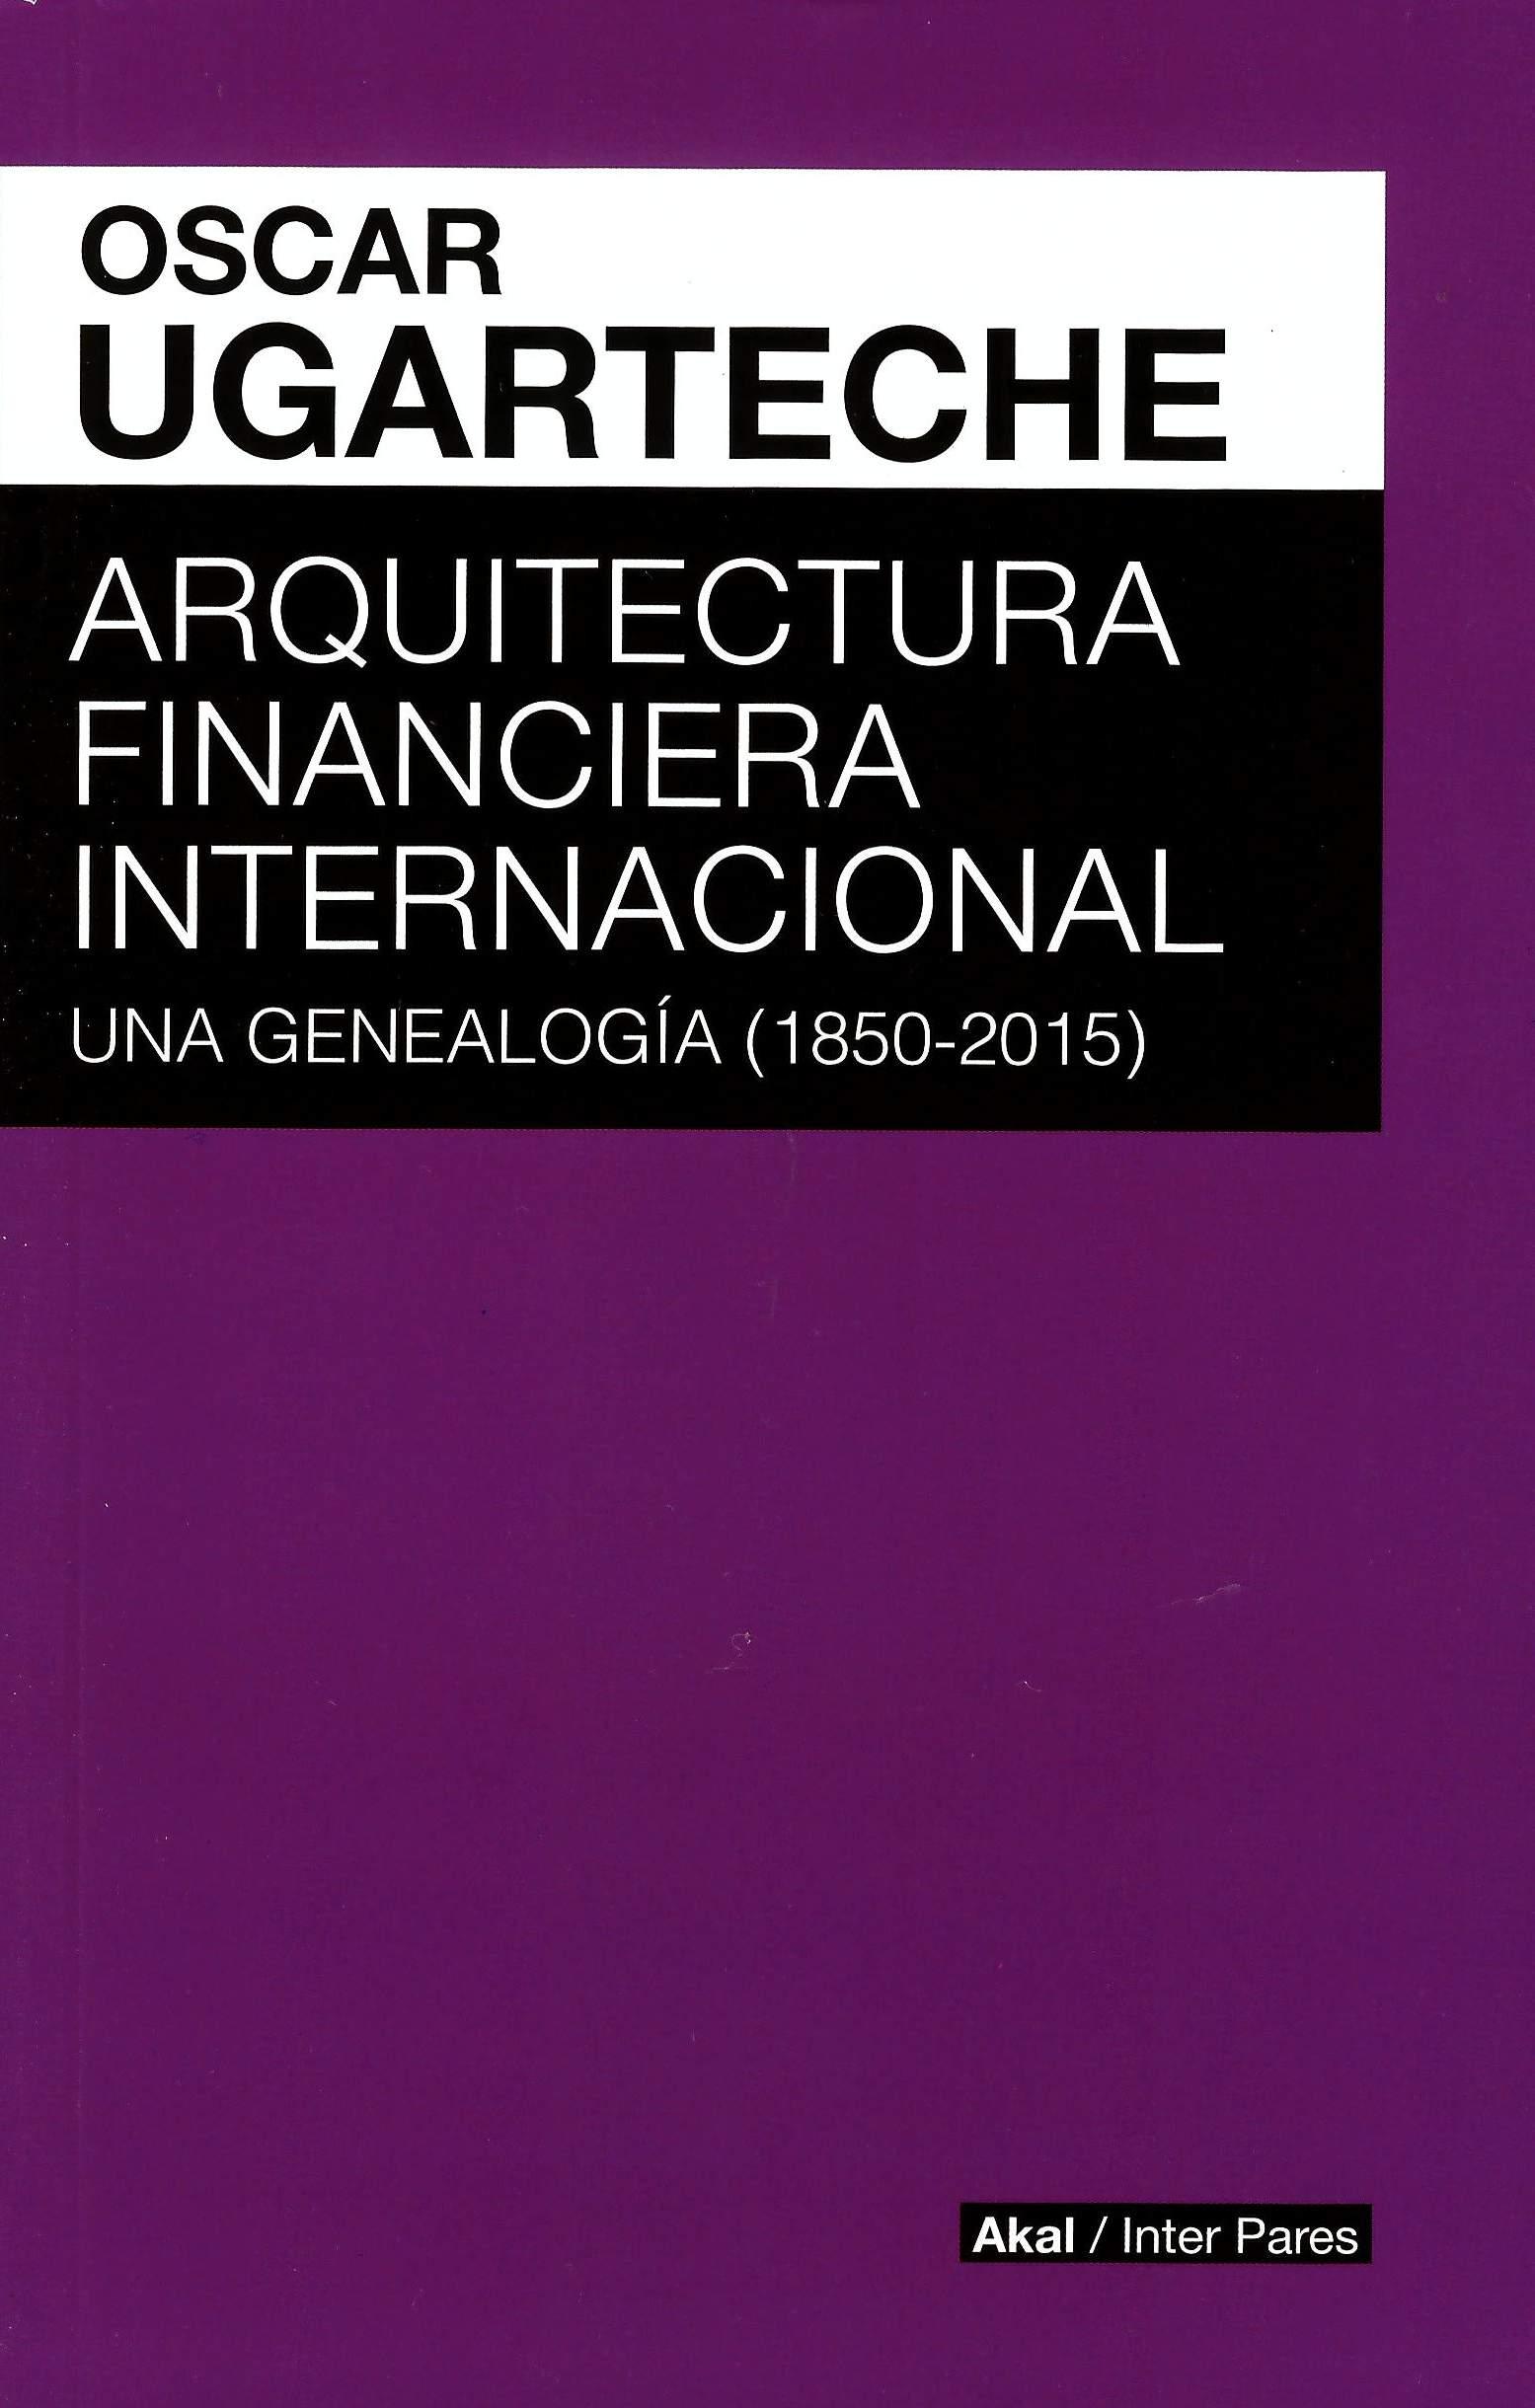 Arquitectura financiera internacional: una genealogía (1850-2015)